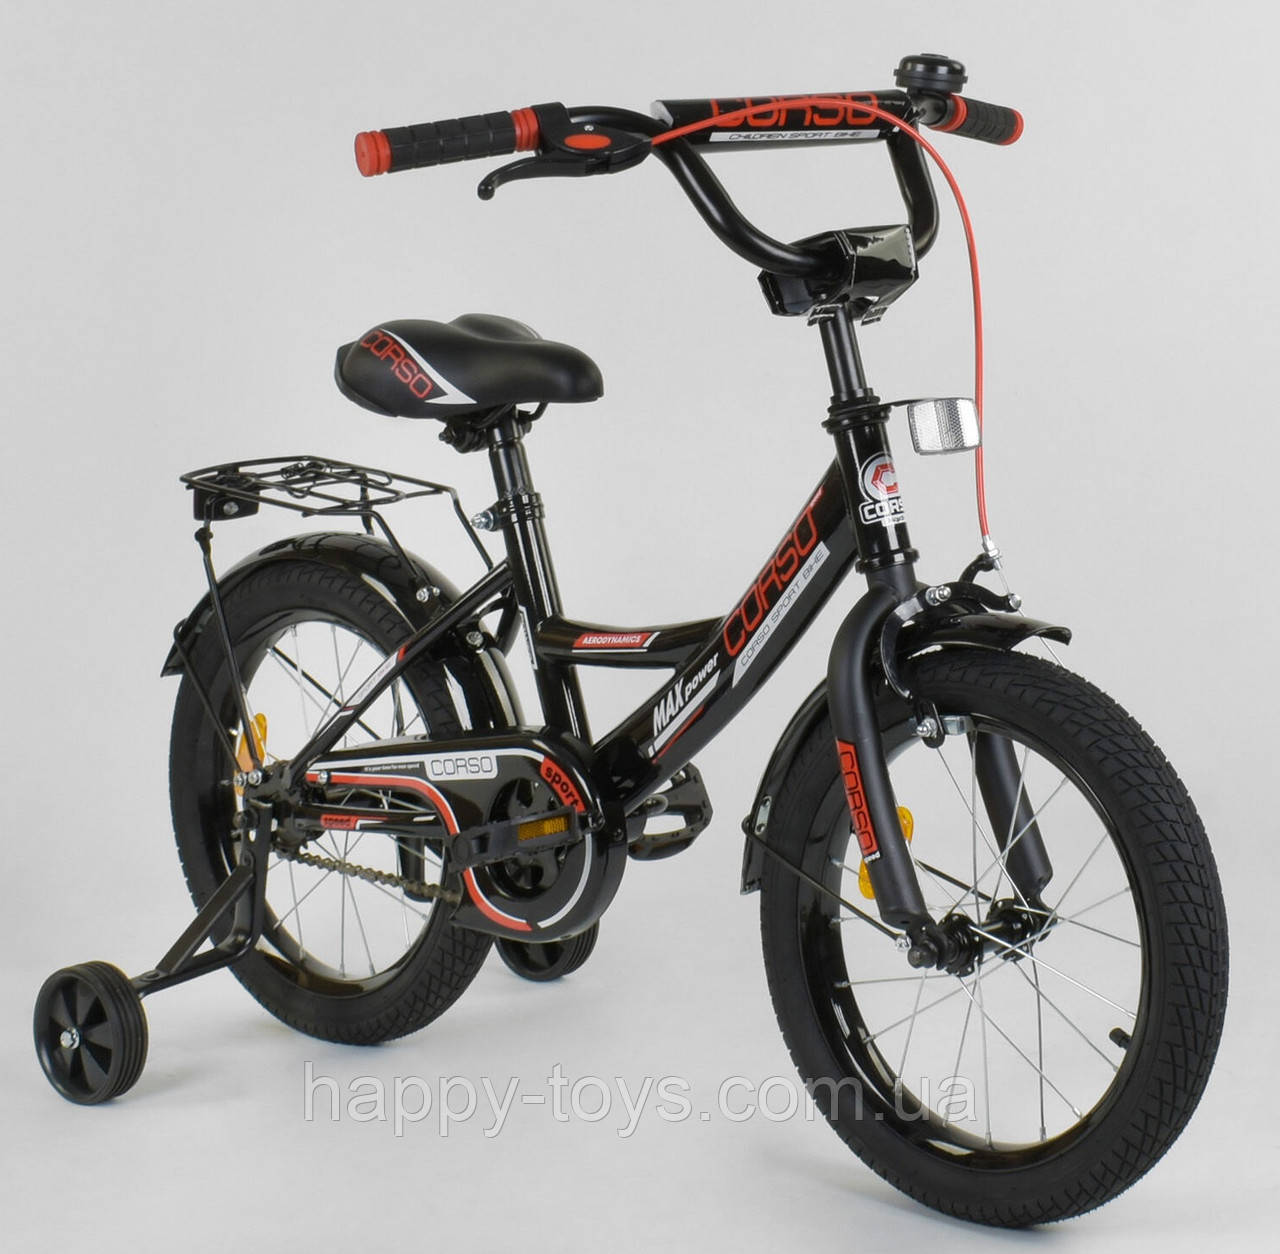 """Велосипед 16"""" дюймов 2-х колёсный CORSO ЧЁРНЫЙ, ручной тормоз, доп. колеса, собранный на 75% CL-16 P 4482"""